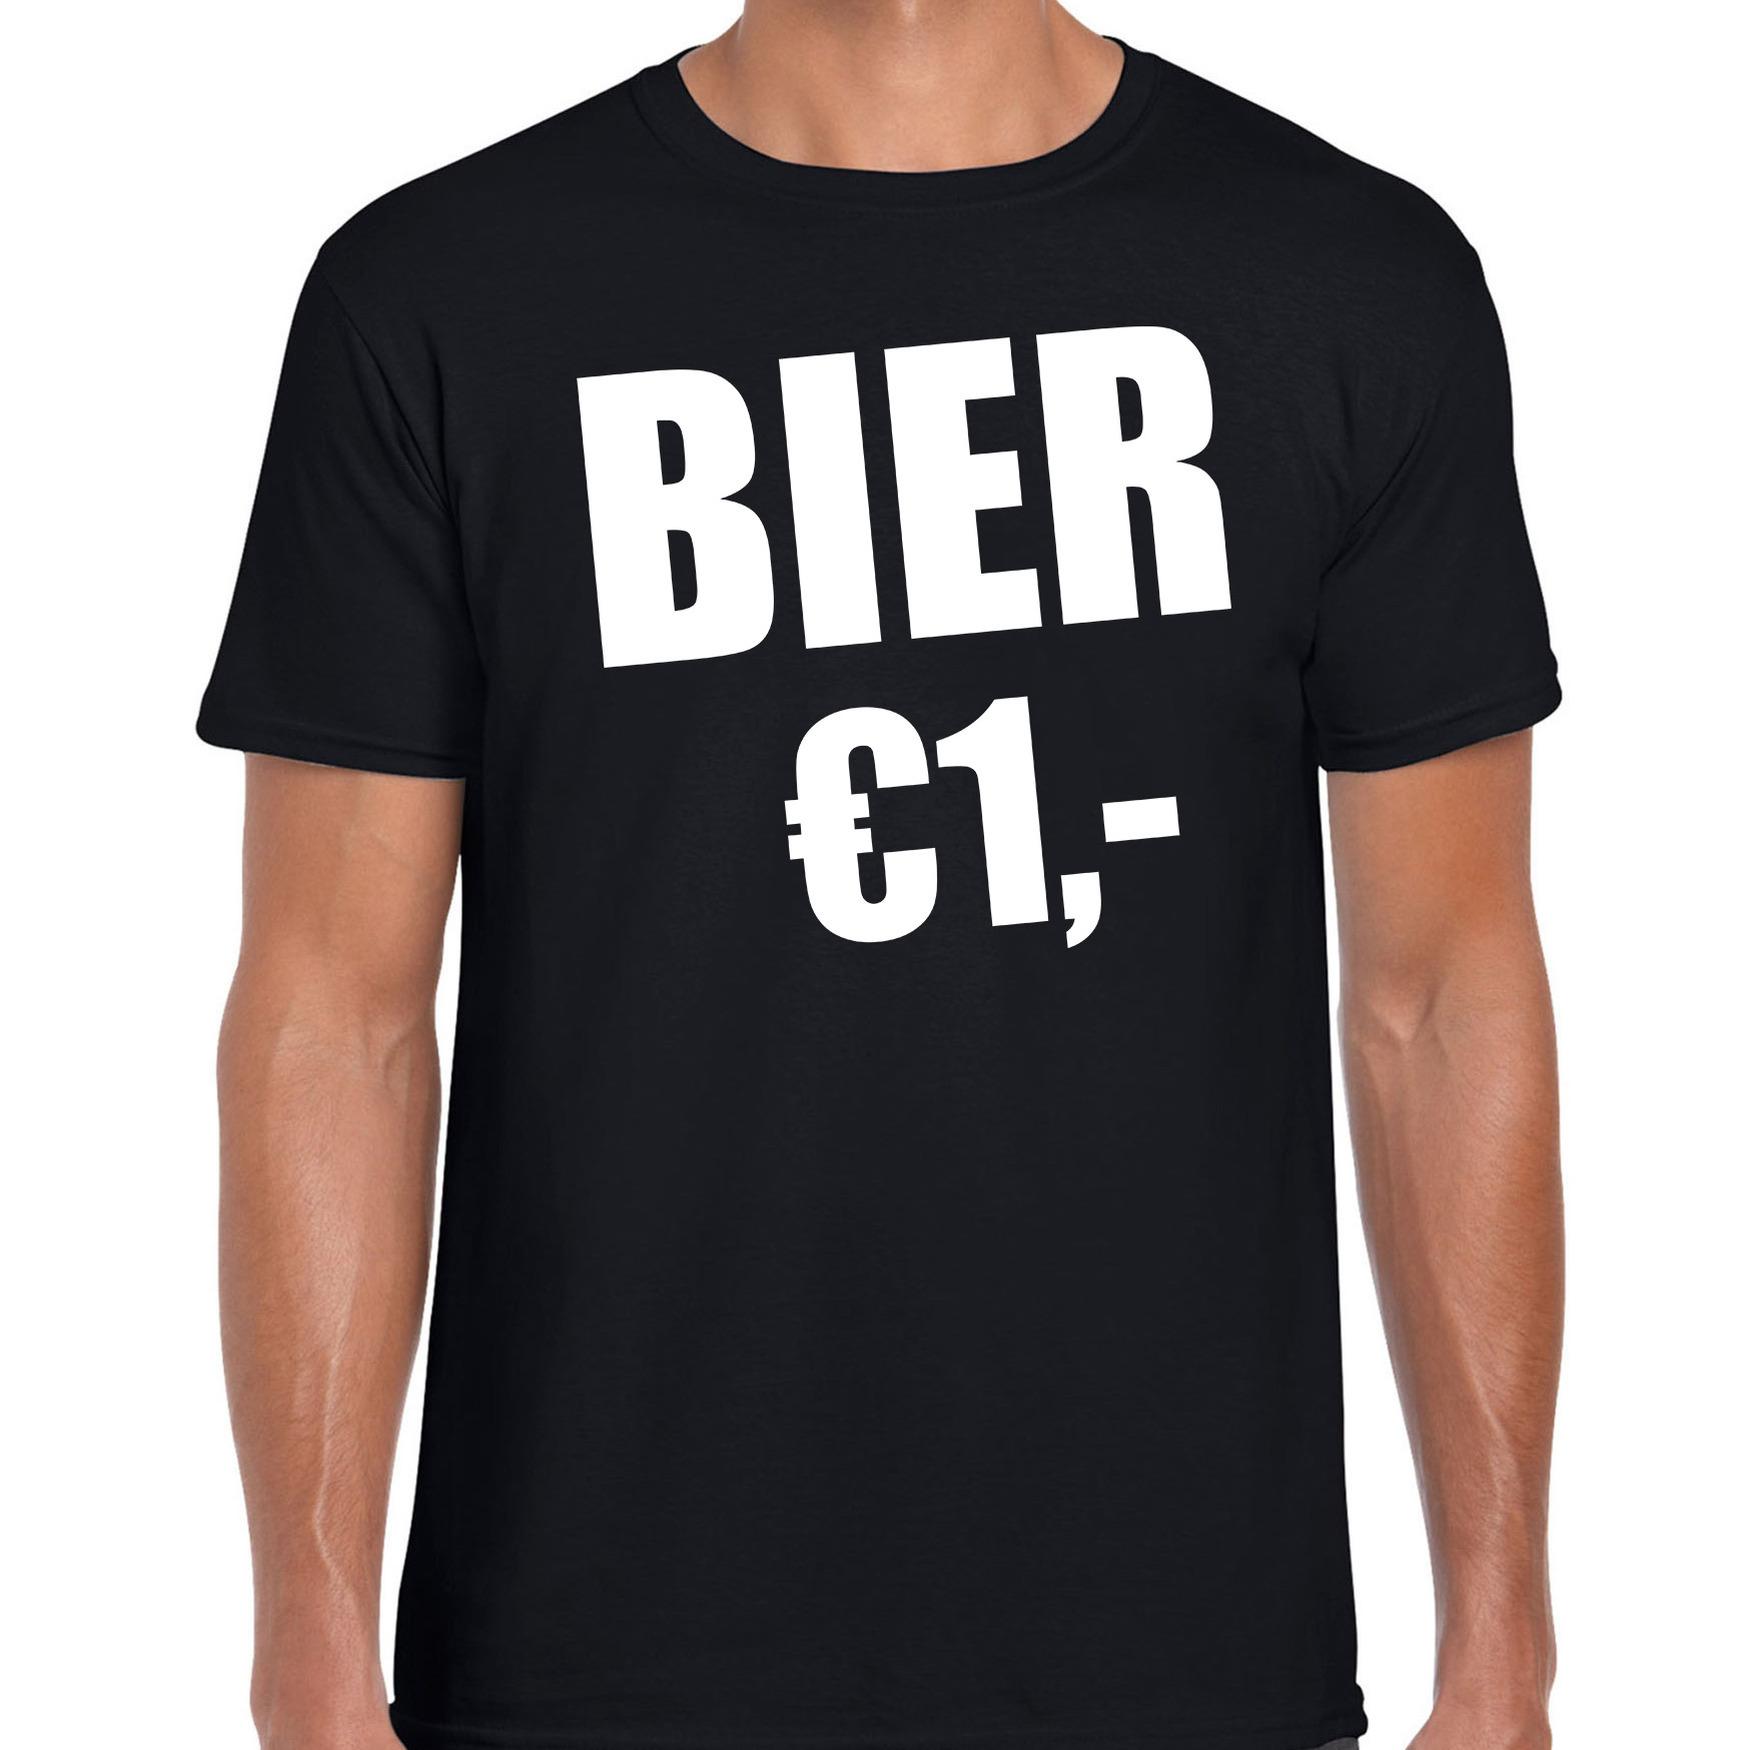 Fun t-shirt bier 1 euro zwart voor heren L -